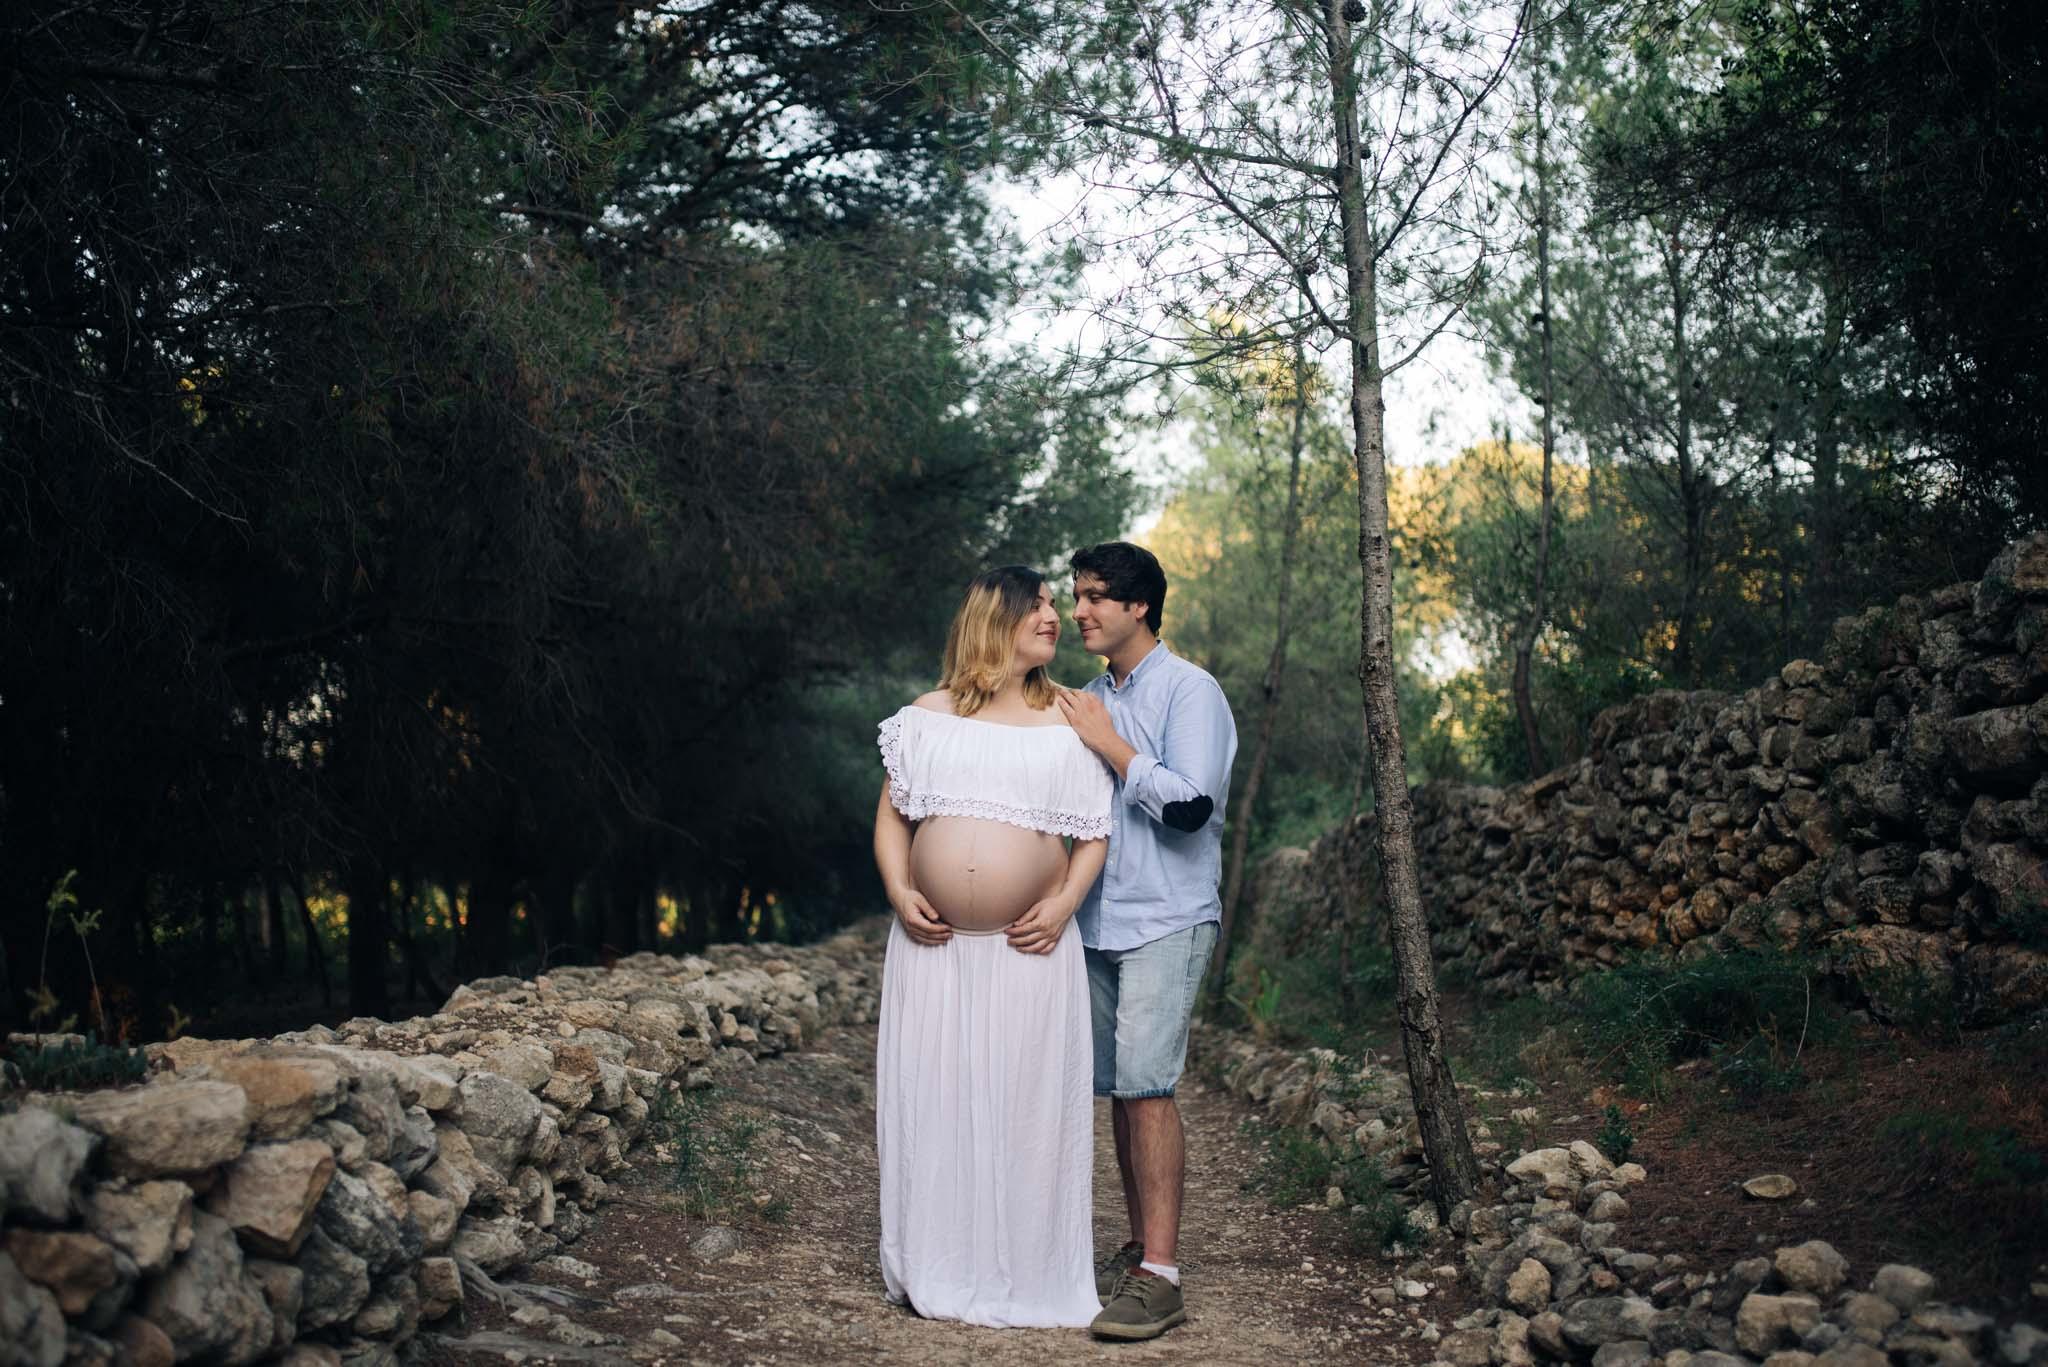 precio sesion de fotos embarazada barcelona vilanova i la geltru sitges